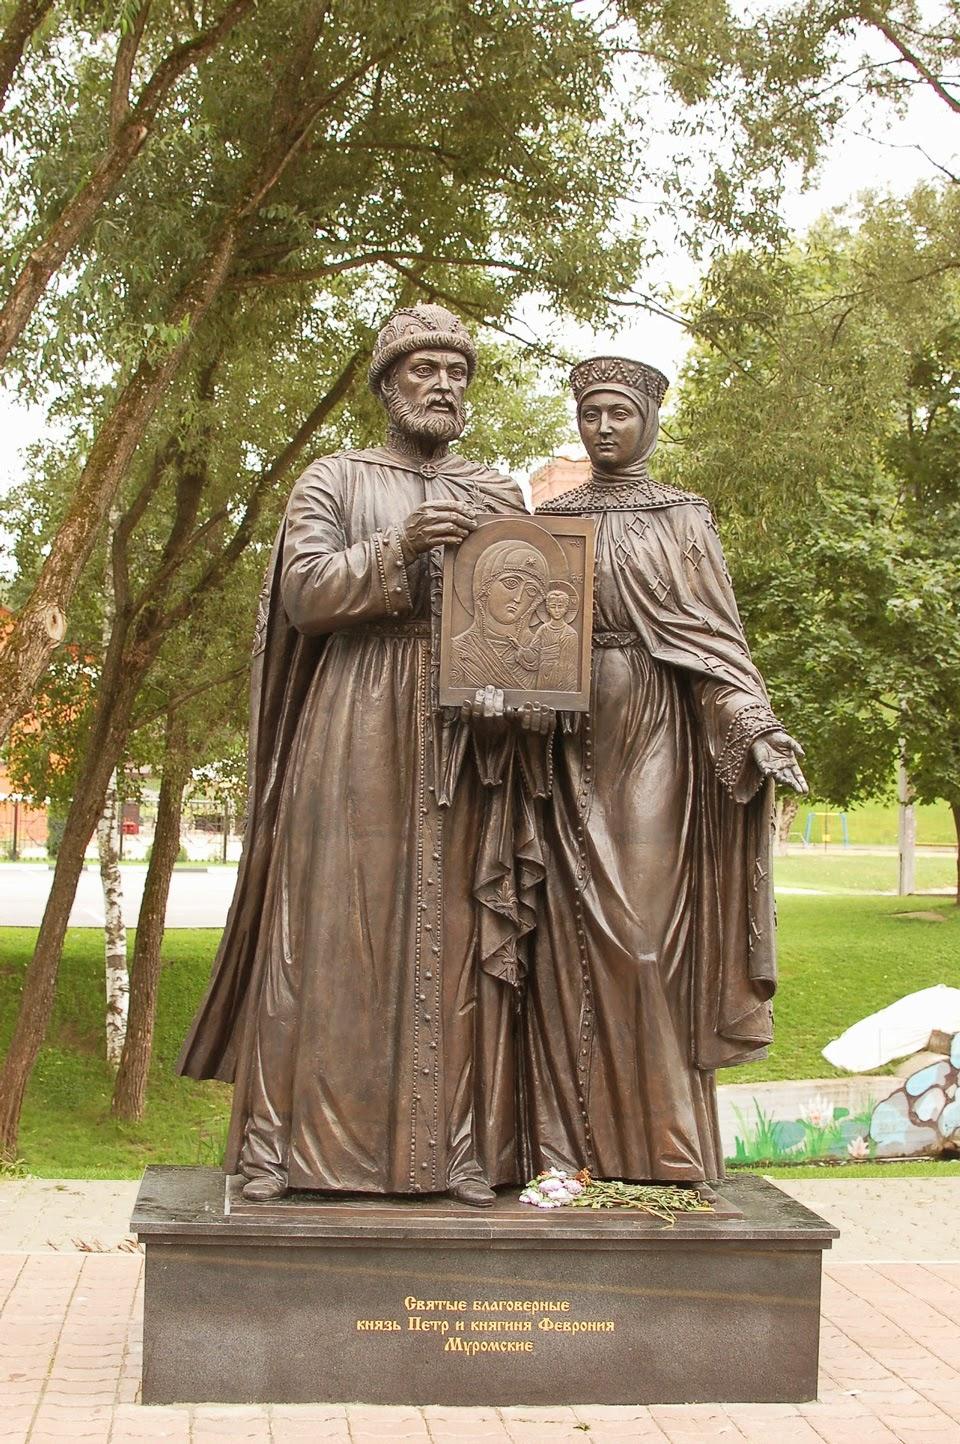 Памятник петру и февронии в сергиевом посаде фото 3